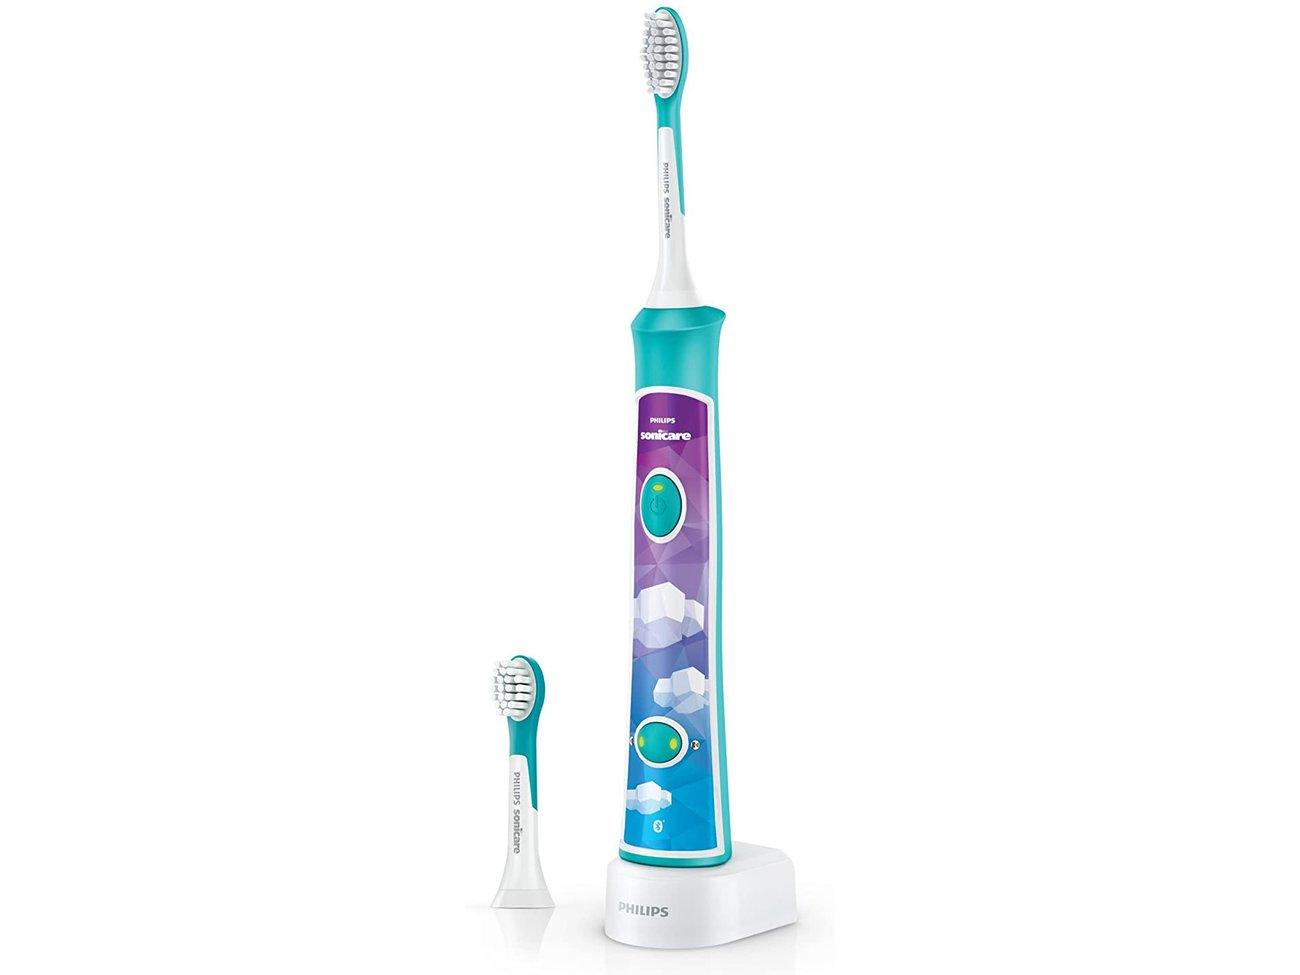 Elektrische Zahnbürste Kinder Test Philips